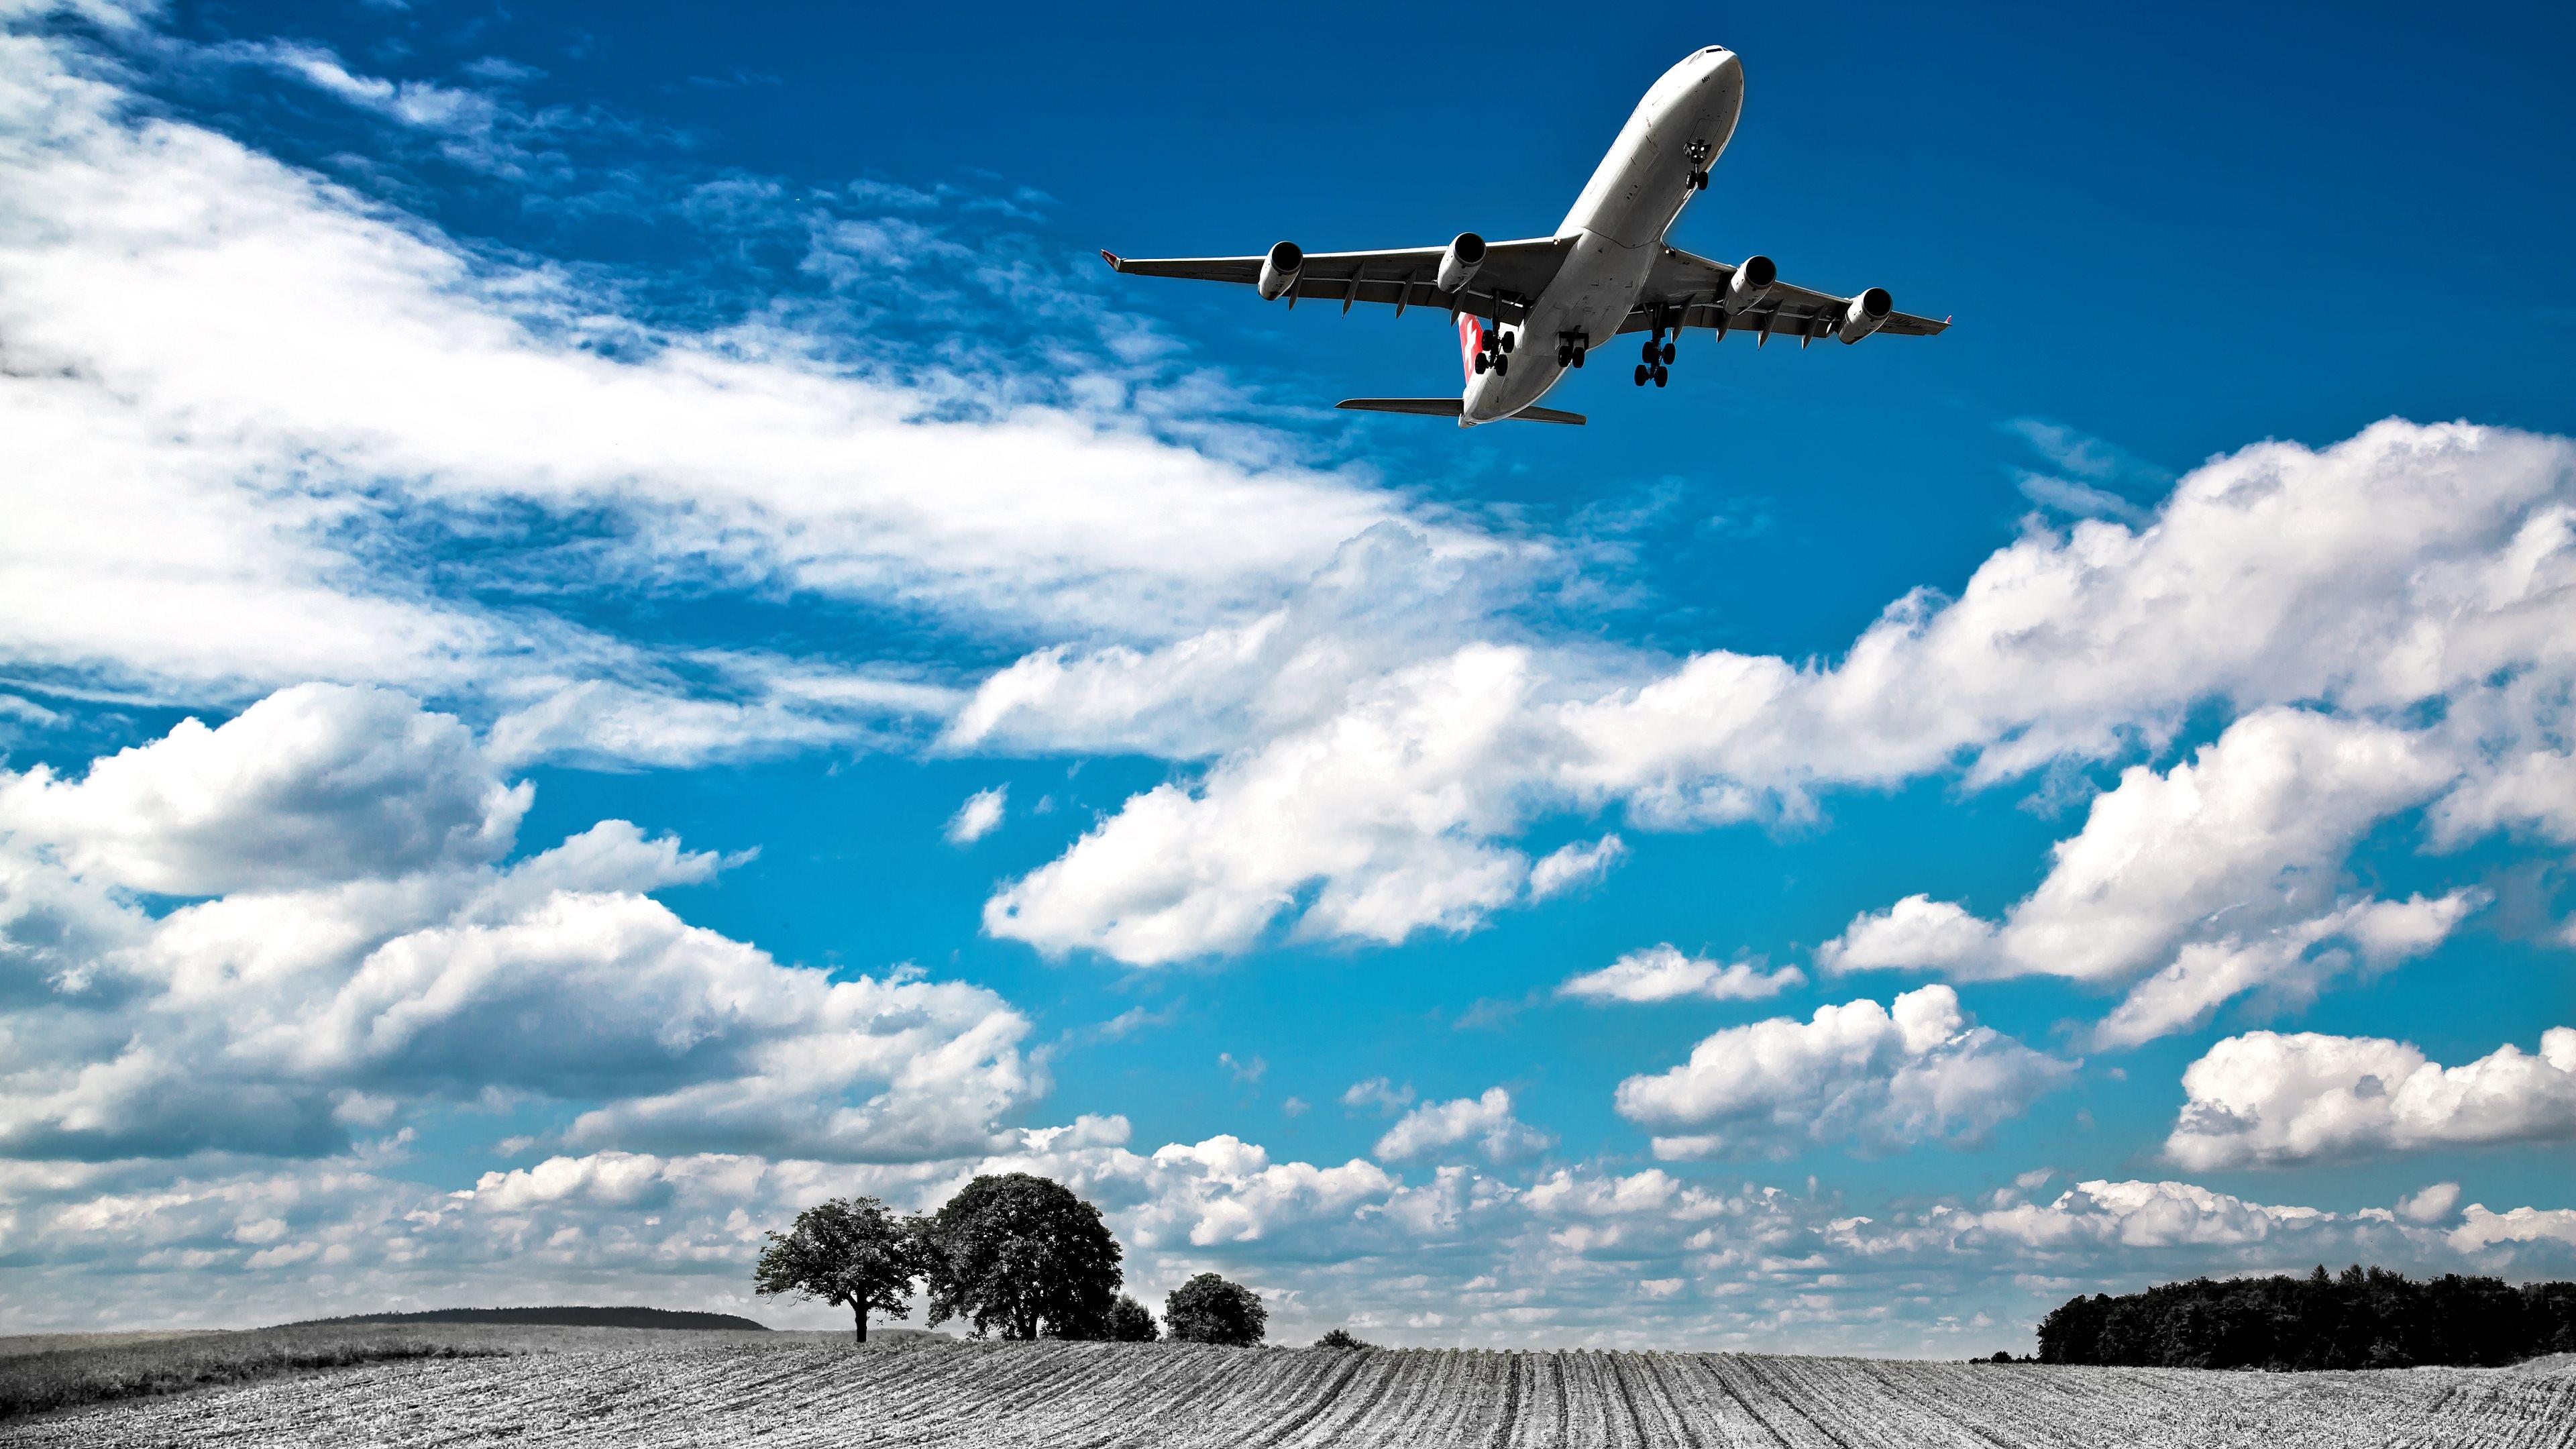 самолет над полем